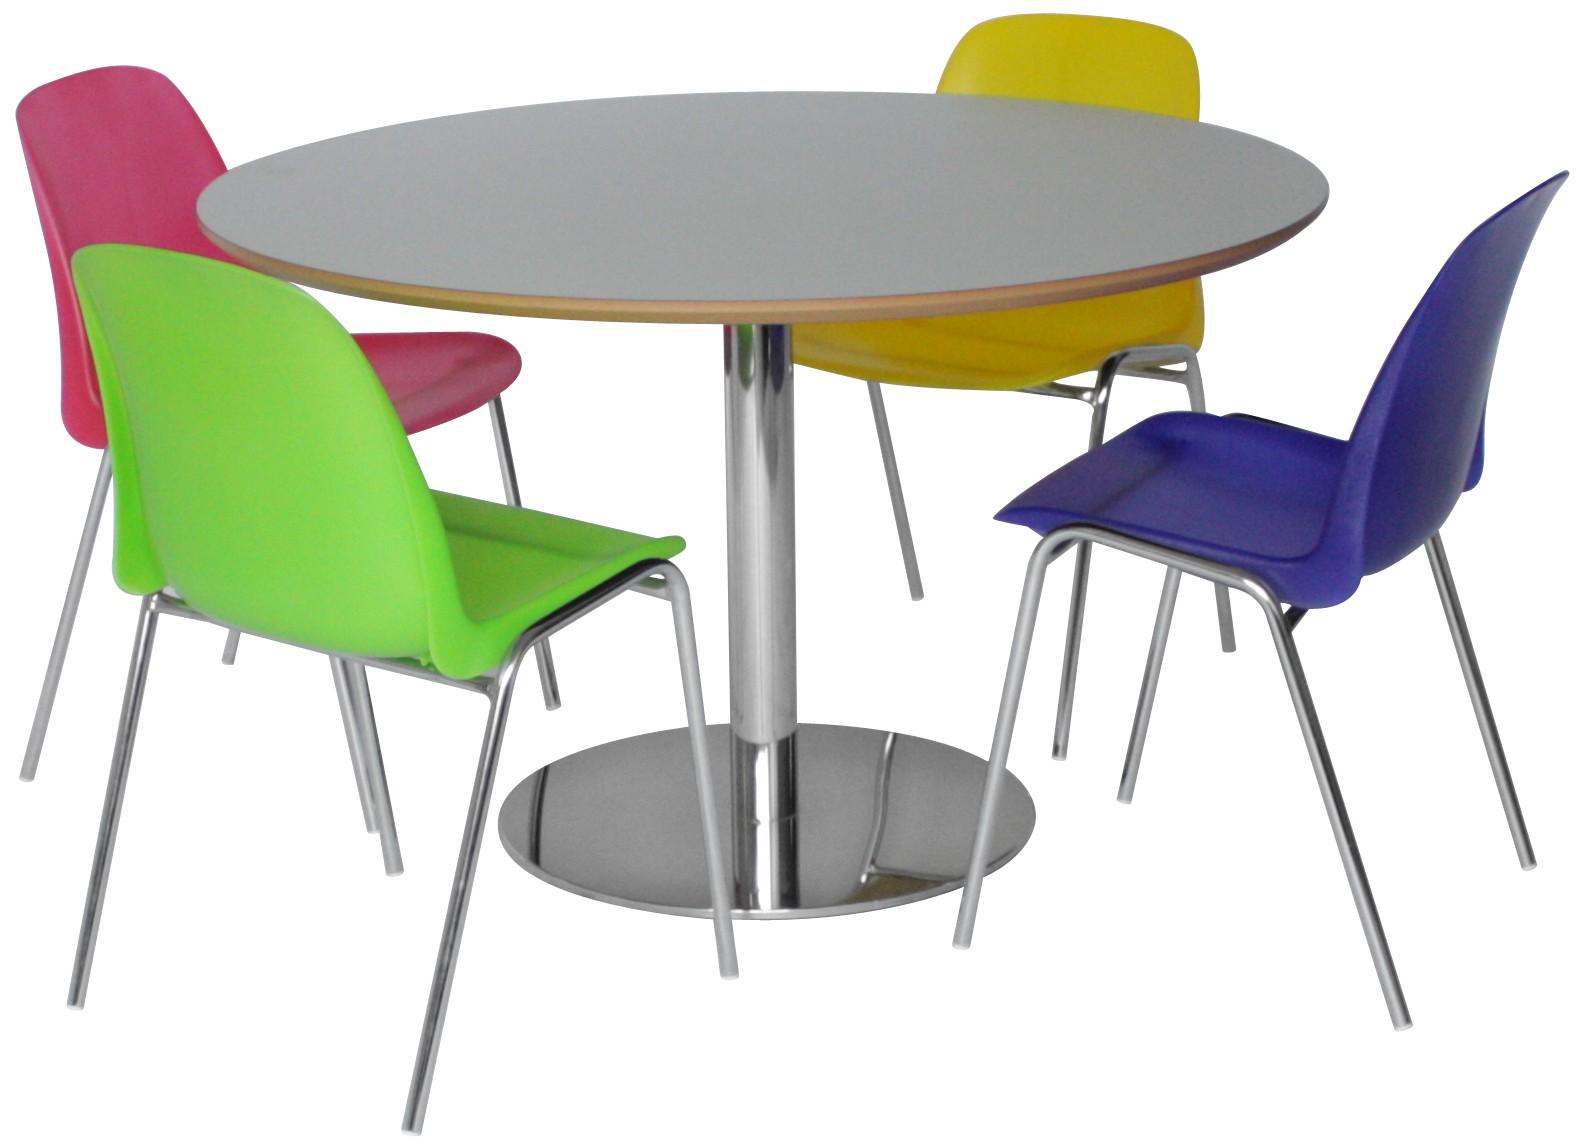 Inox søjlestel med flad fod er brugt på dette bord sammen med Selena stole